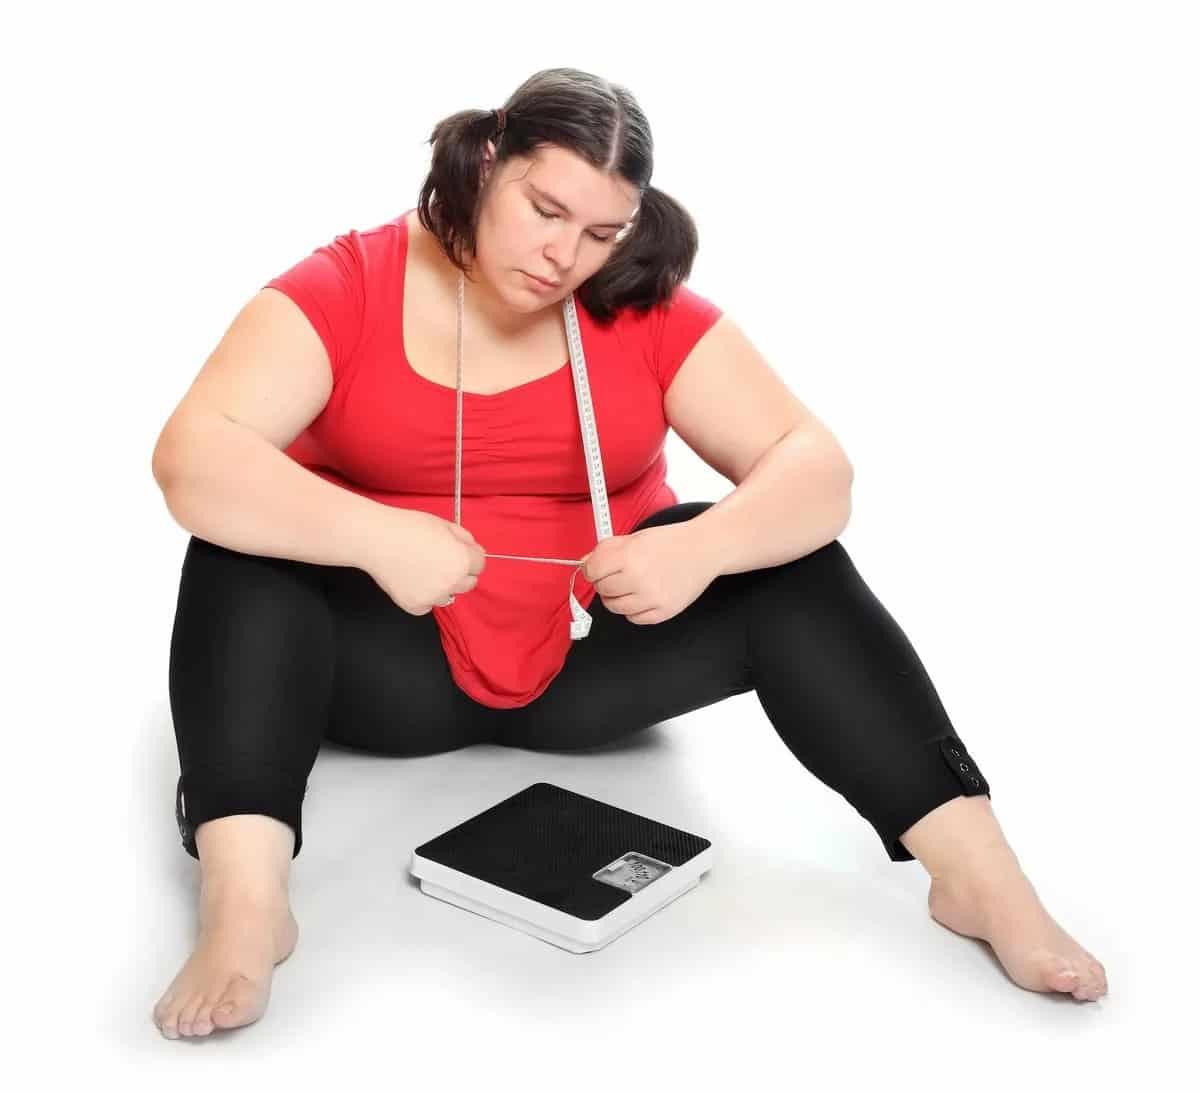 упражнения чтобы быстрее похудеть дтп